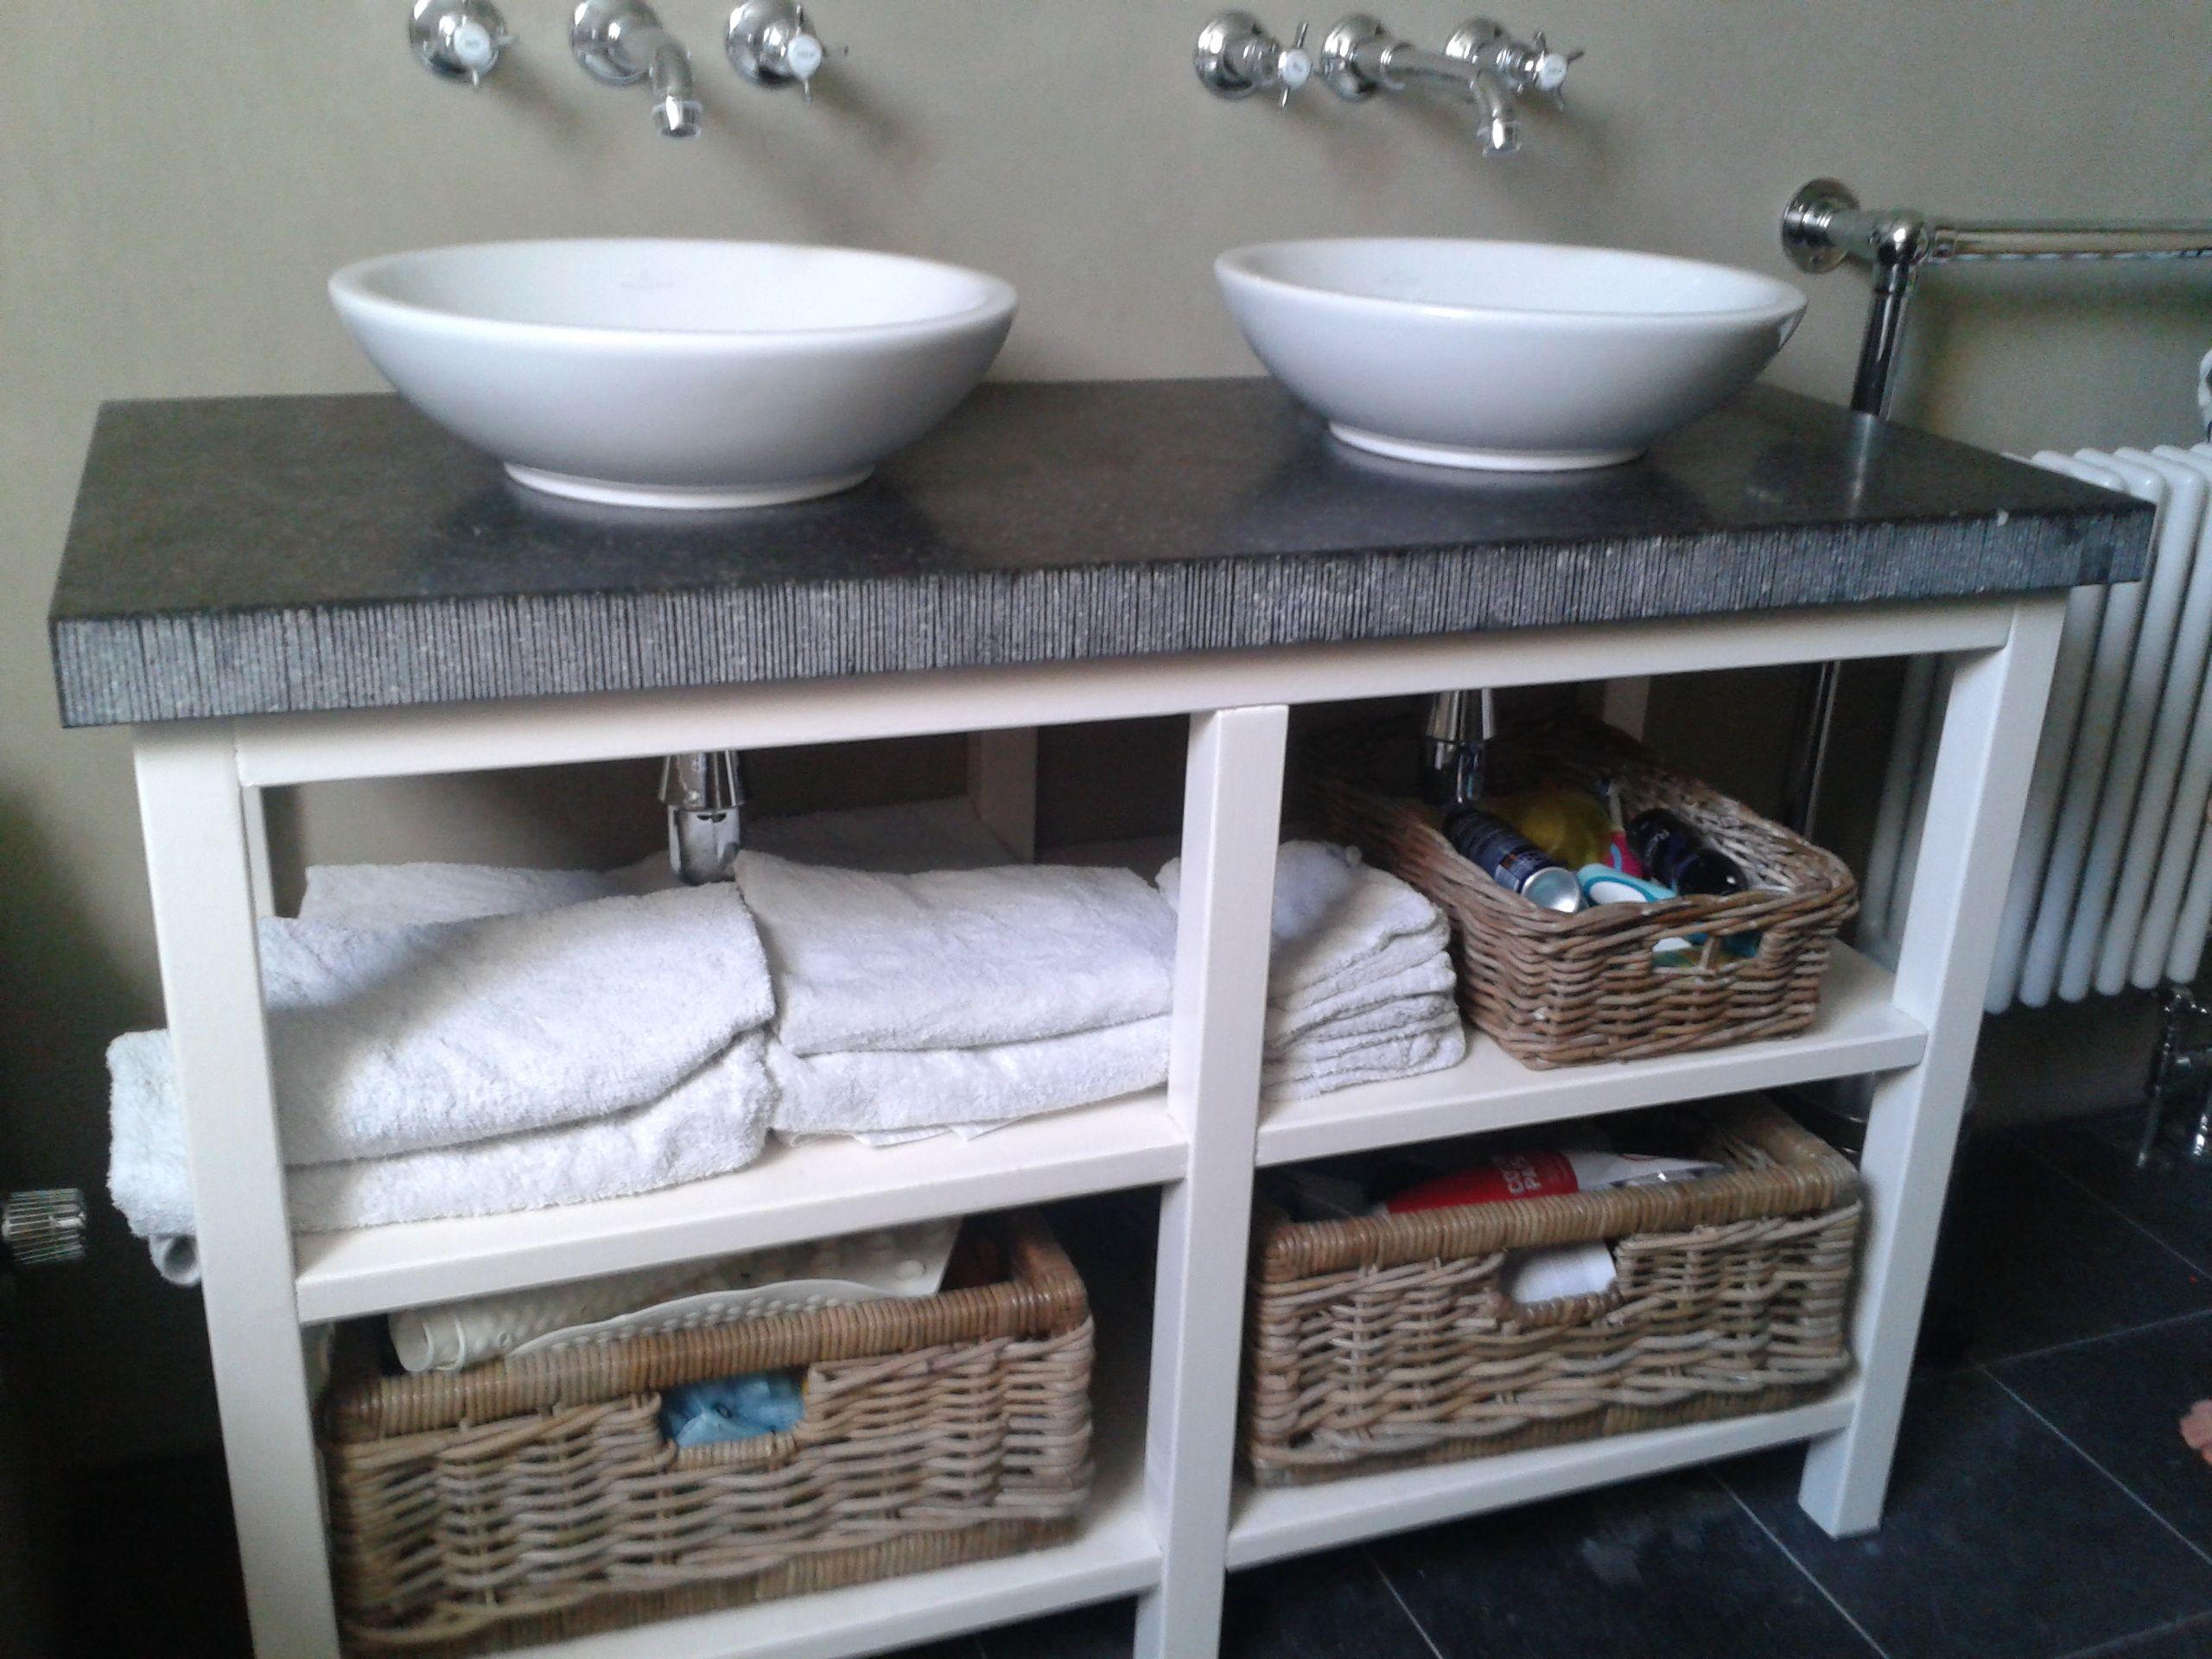 Beton Muur Badkamer : Badkamer wastafel met belgisch hardsteen en muren gestucd met beton